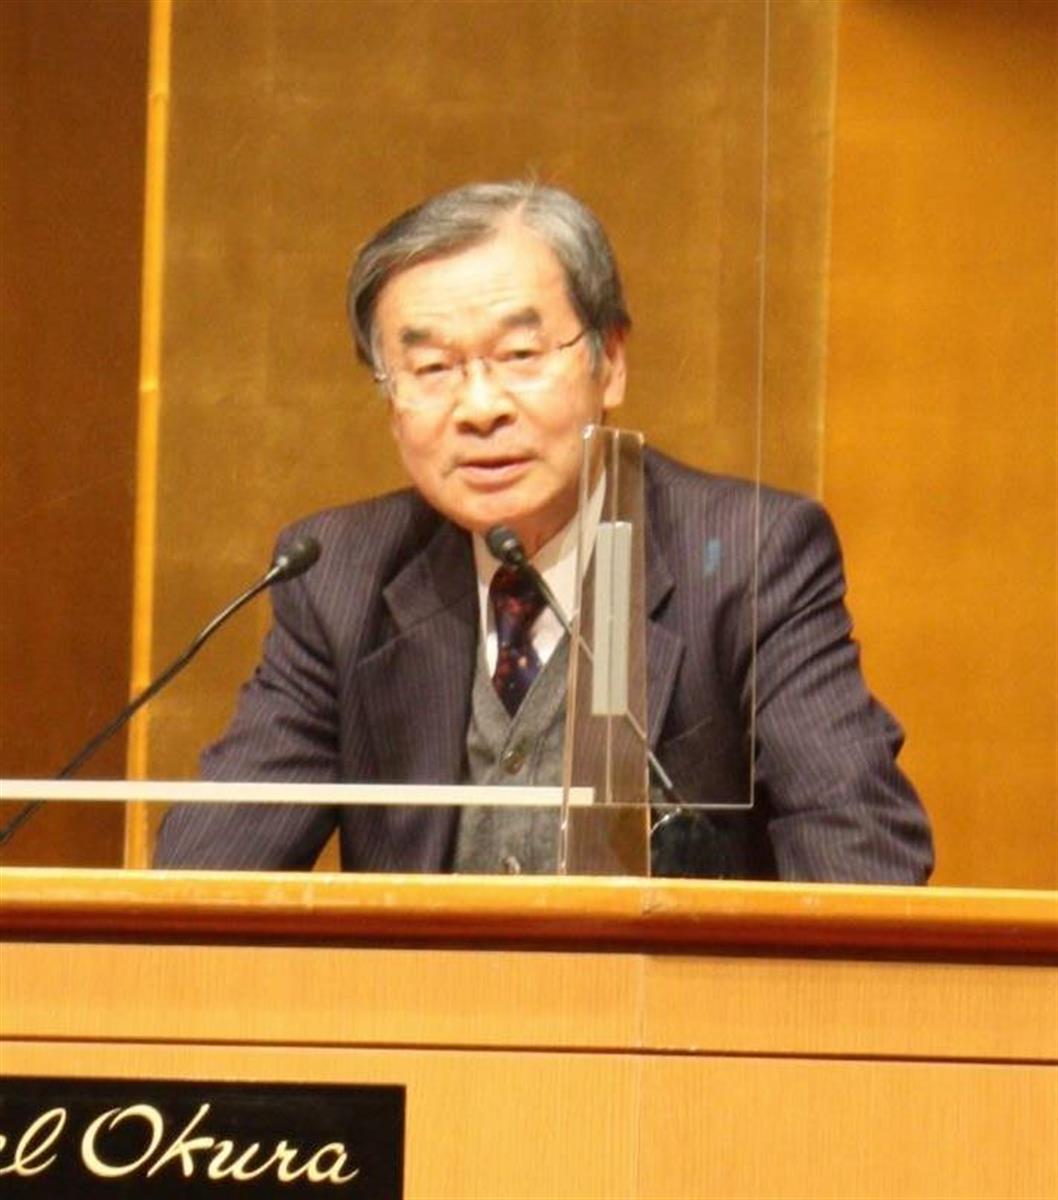 講演で令和3年の経済見通しなどについて語る西日本シティ銀行の久保田勇夫会長=29日、福岡市博多区